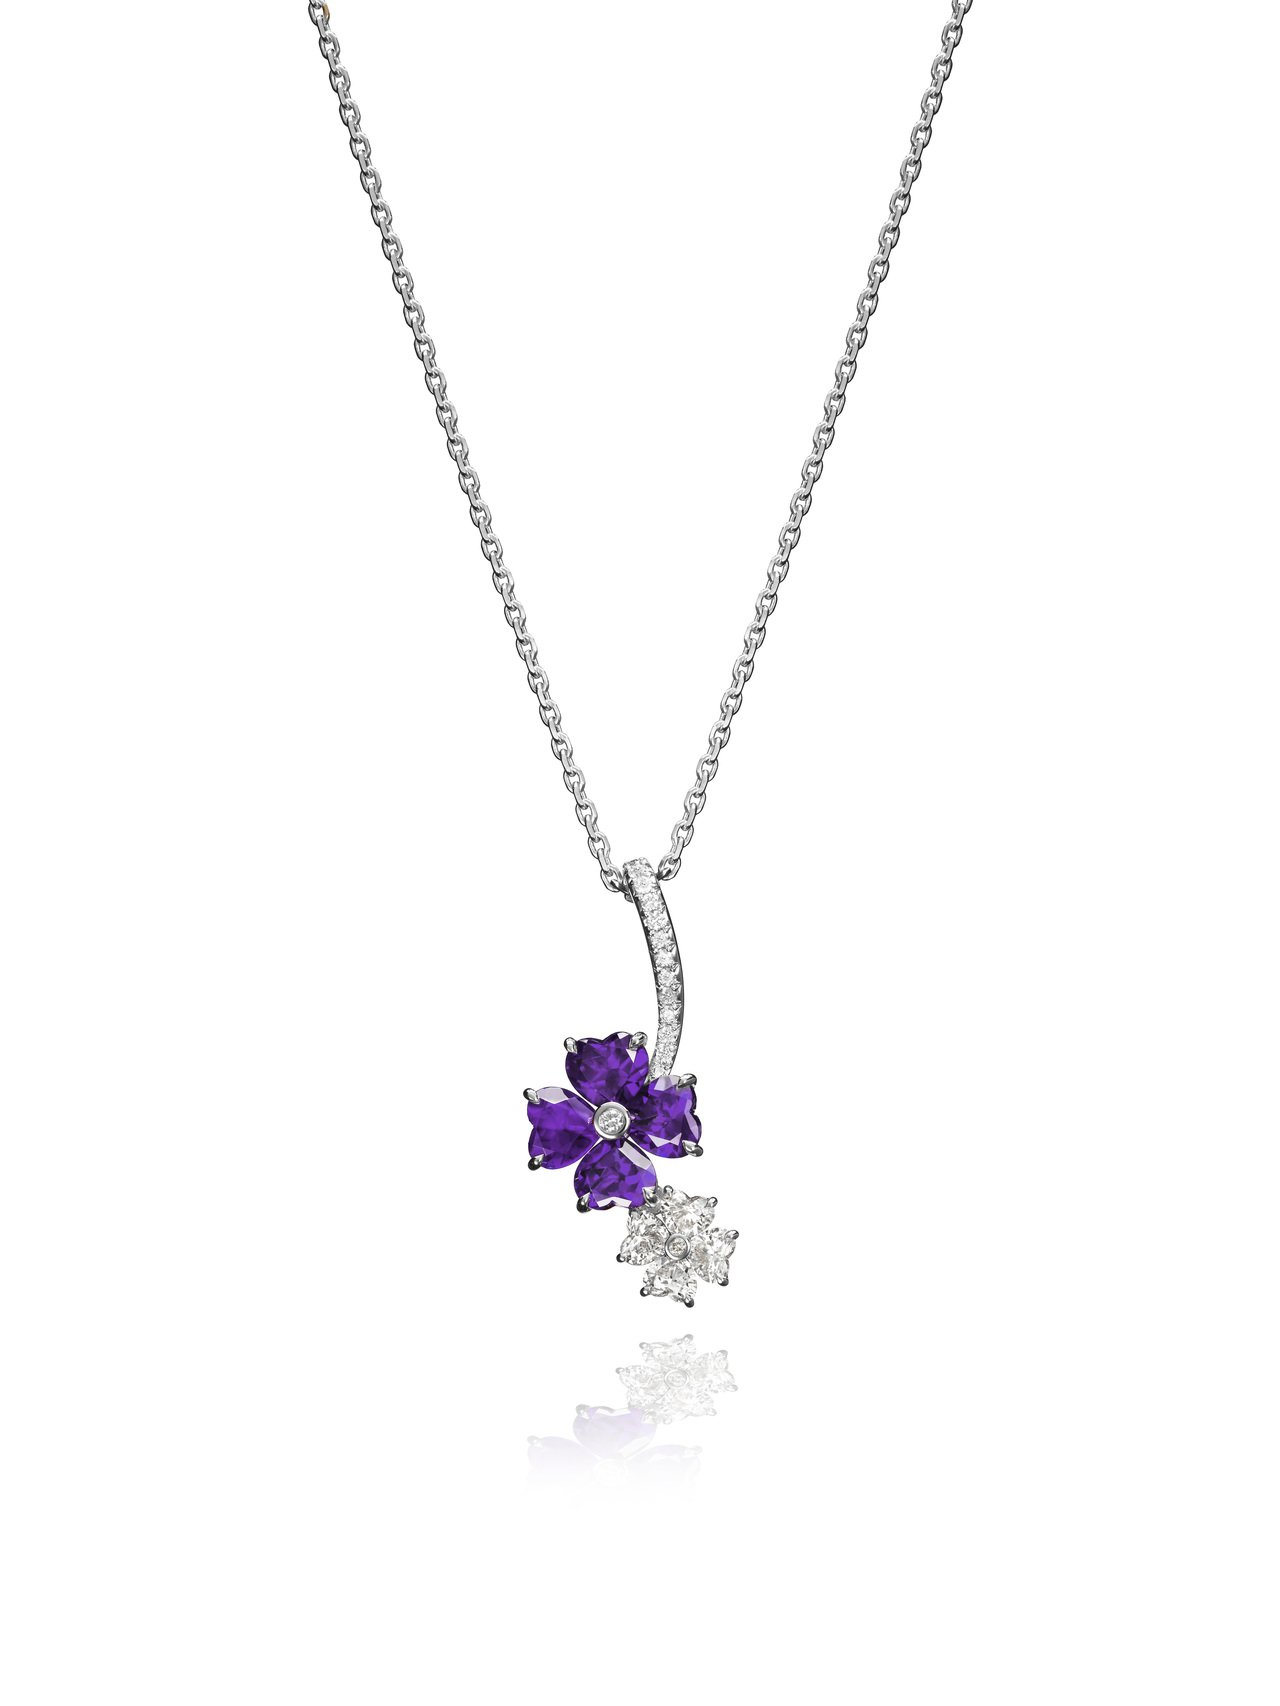 Precious Chopard系列項鍊,18K白金鑲嵌鑽石與4顆心形紫水晶,2...